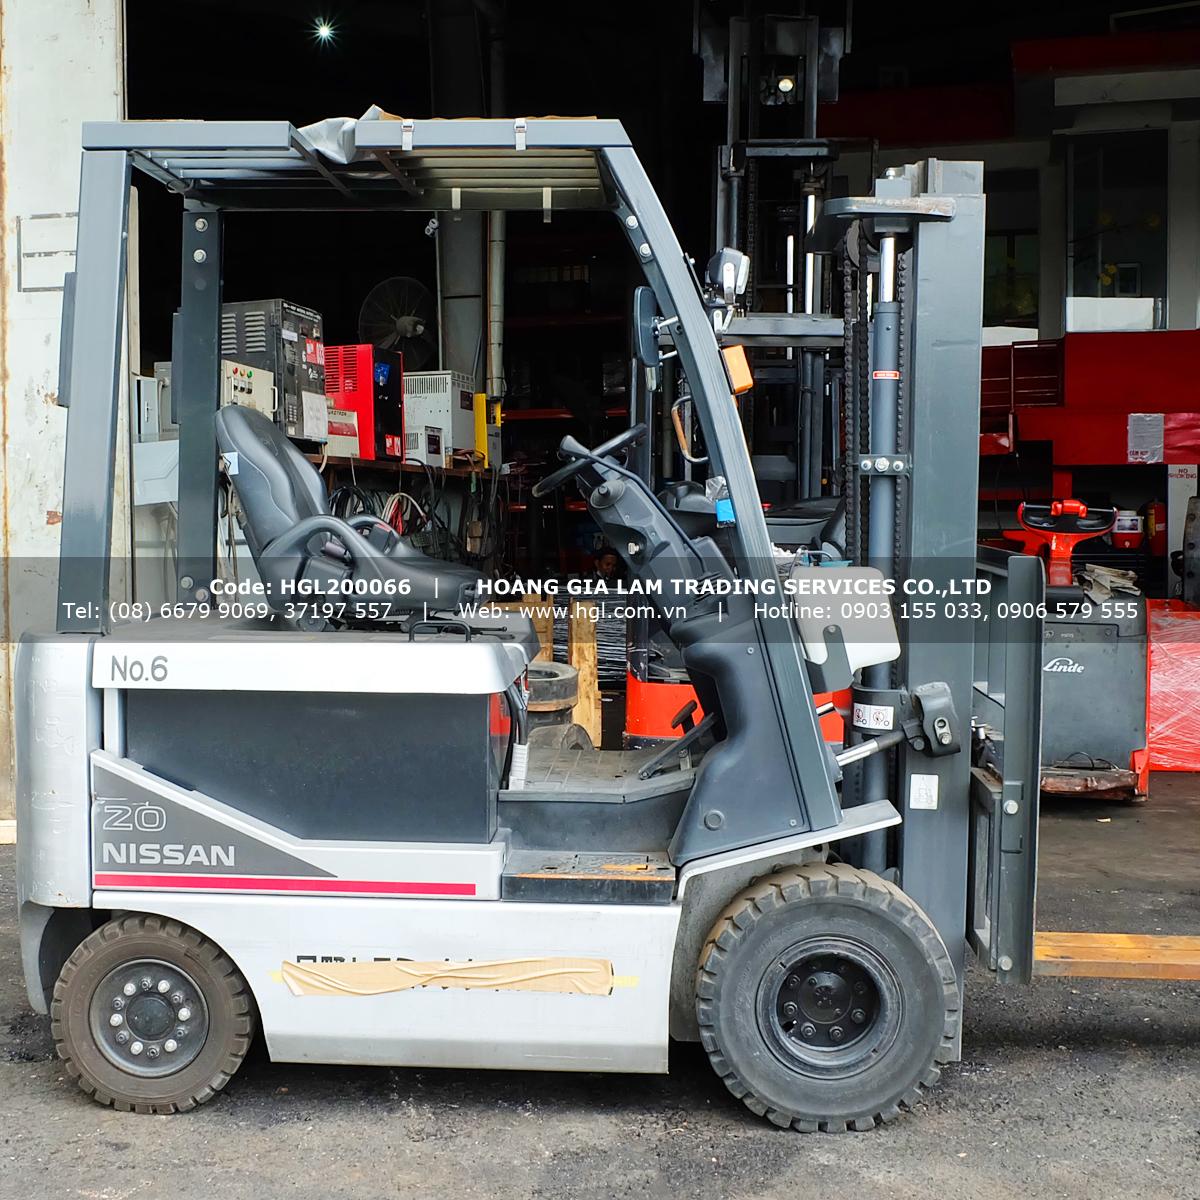 xe-nang-nissan- T1B2L20-66-b6